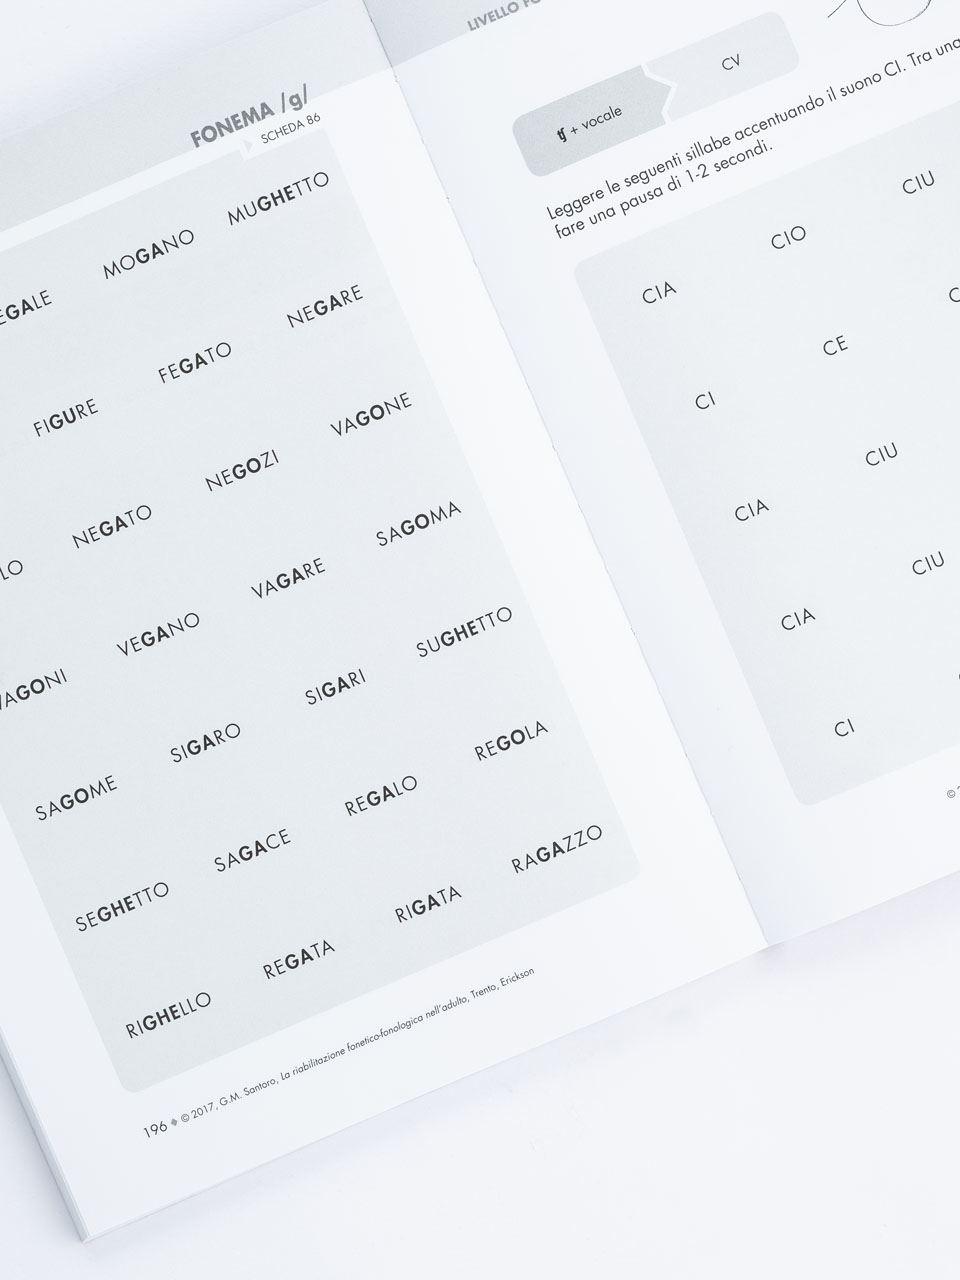 La riabilitazione fonetico-fonologica nell'adulto - Libri - Erickson 3